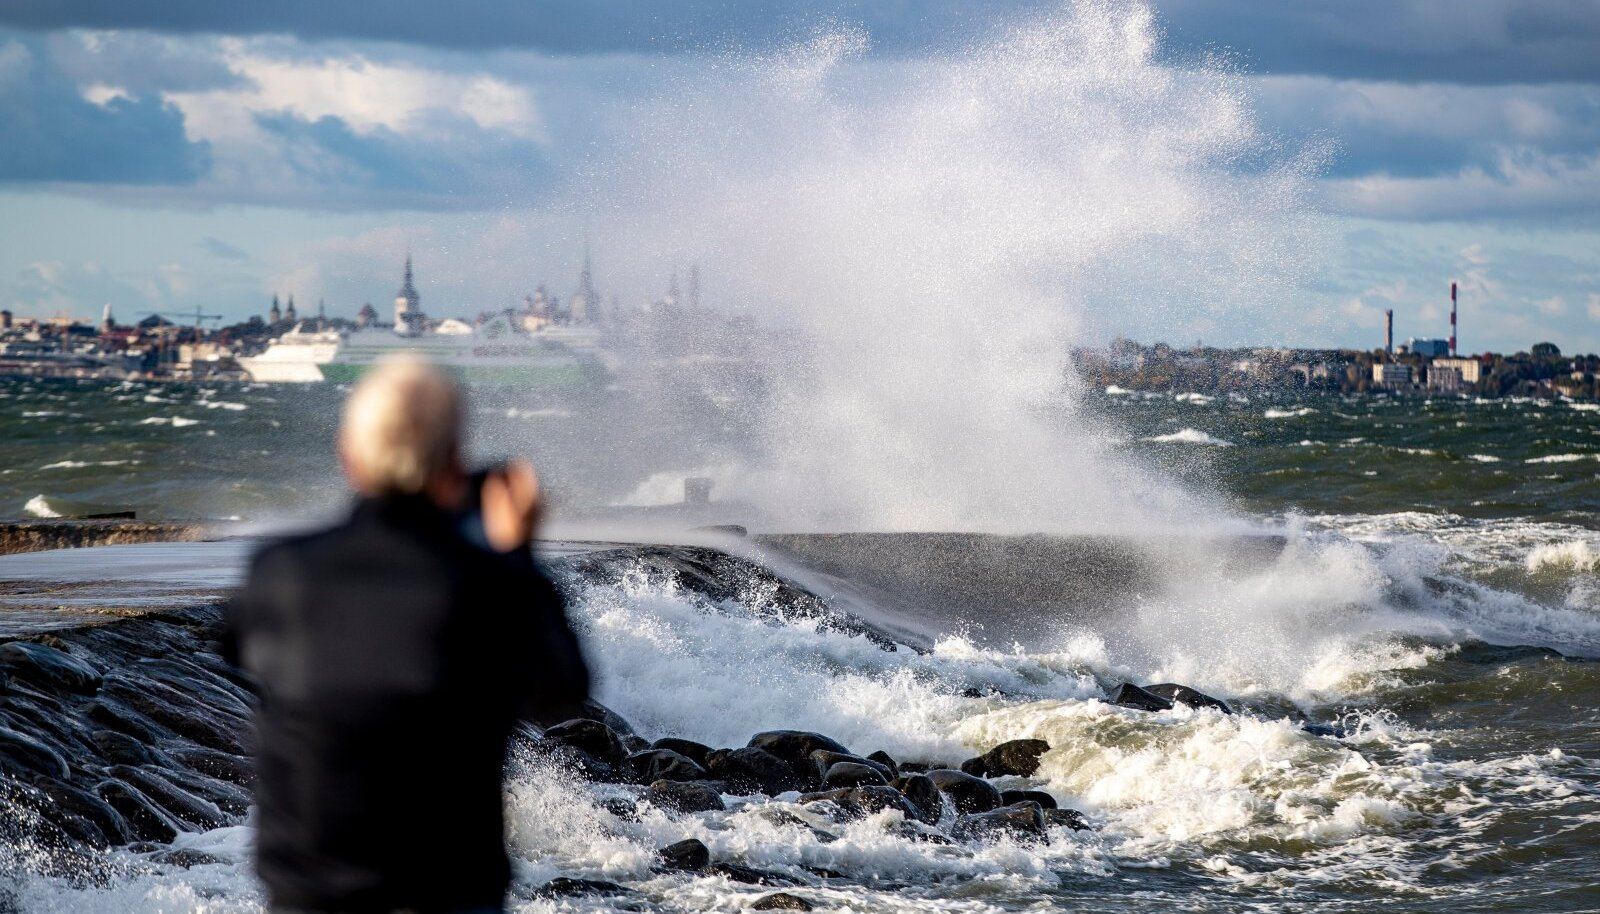 Laupäevane torm kiusab Eesti elanikke loodetavasti vaid mõne tunni vältel. Küll aga jäävad meid kimbutama sajuhood, mis jätkuvad kohatigi ka pühapäeval.